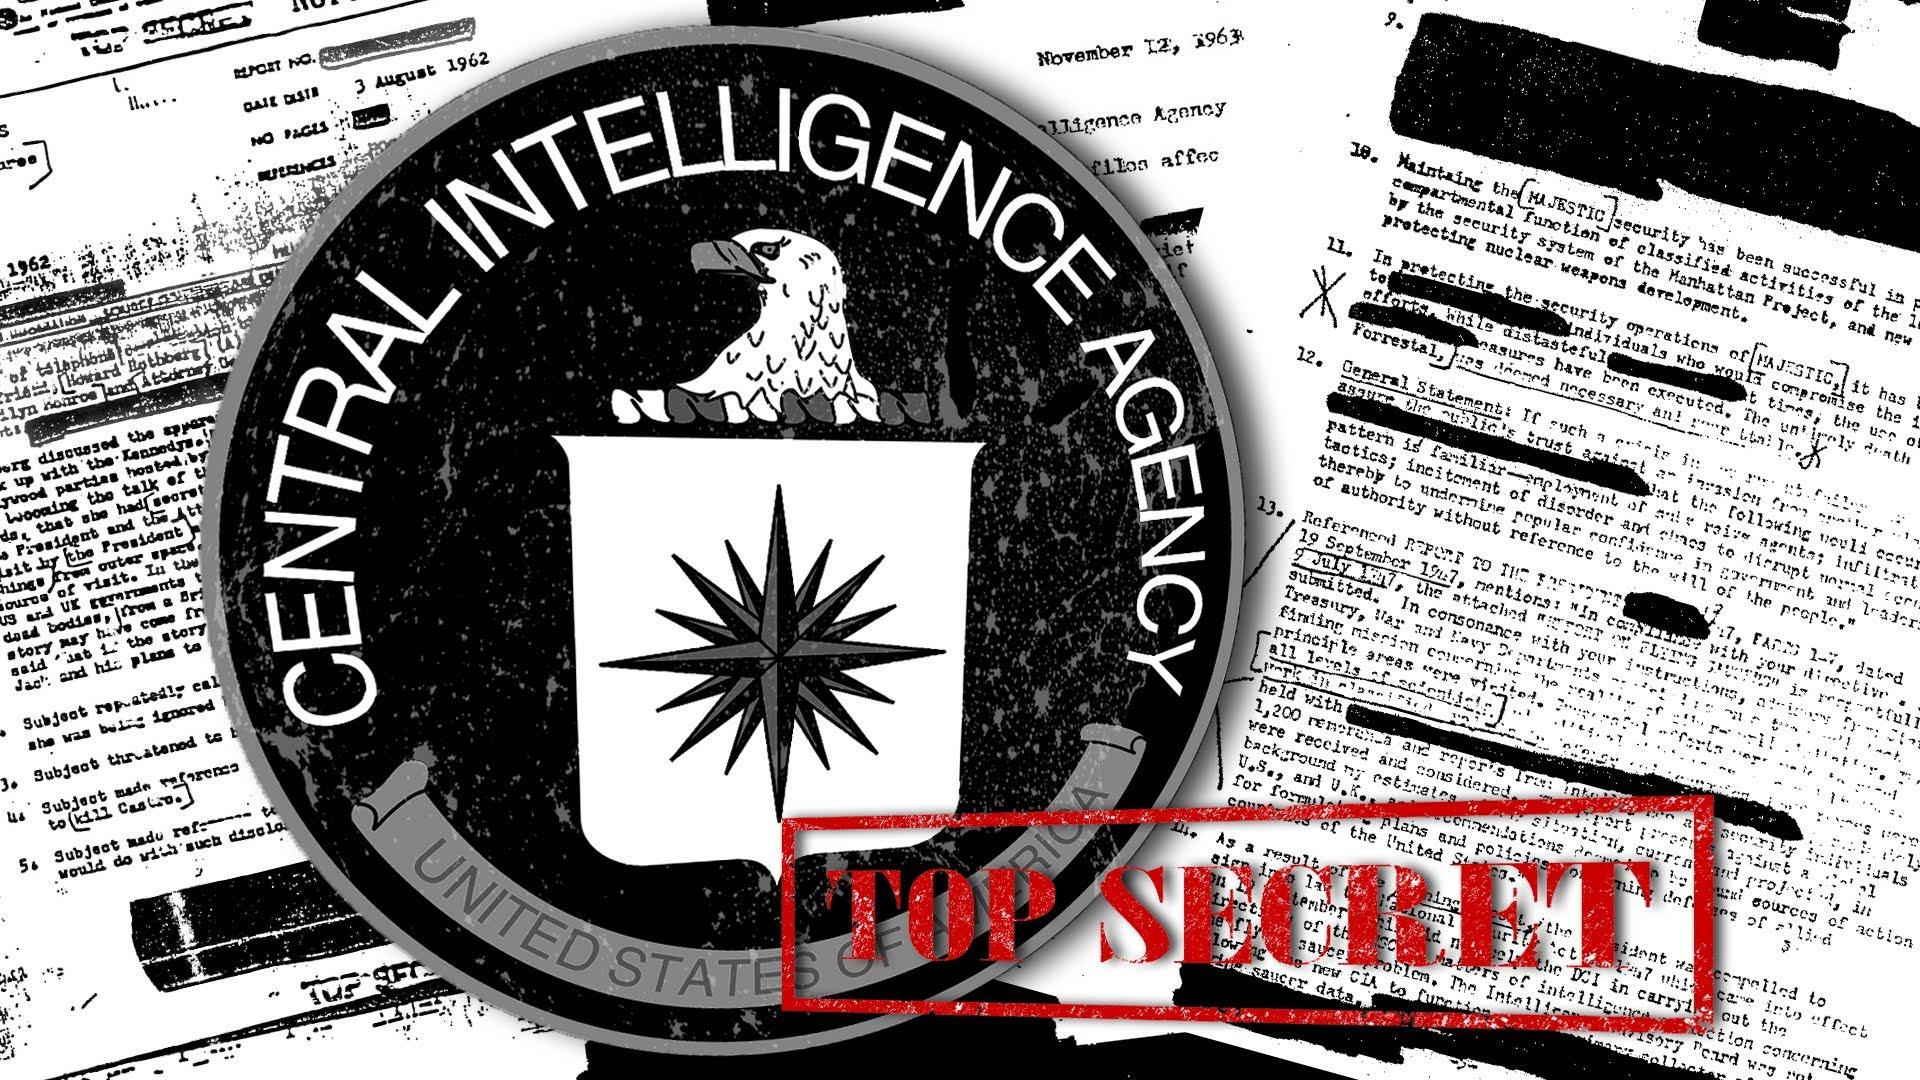 Cựu điệp viên CIA kể về các kế hoạch khủng bố của Mỹ ở Cuba